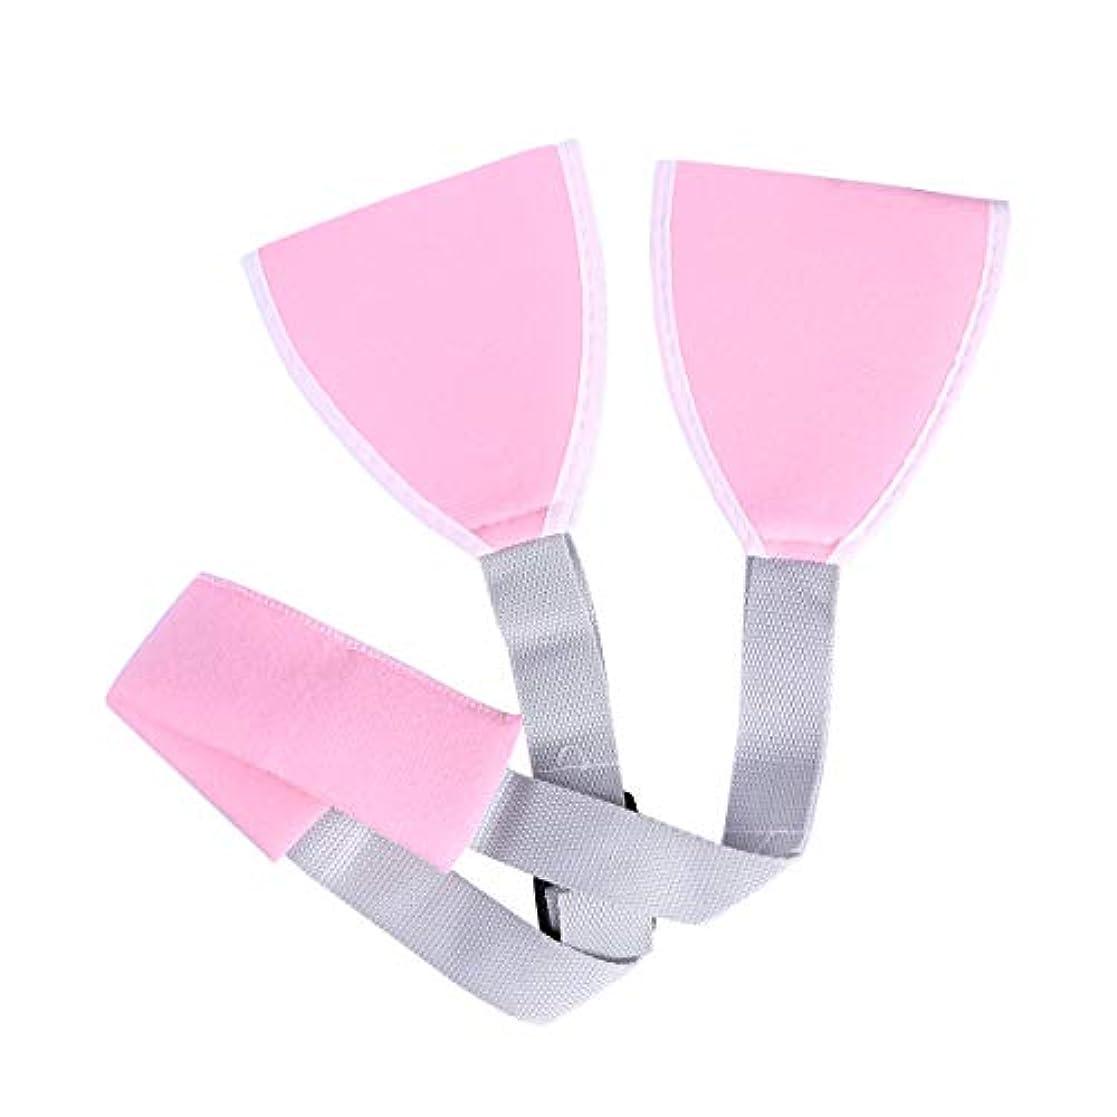 知人キルス正義HEALIFTY 医療用アームのスリングは、腕の手首および肩の不自由または不安定化のために、または壊れた腕およびキャストサポート(ピンク)のために固定化および安定化するように設計されている。